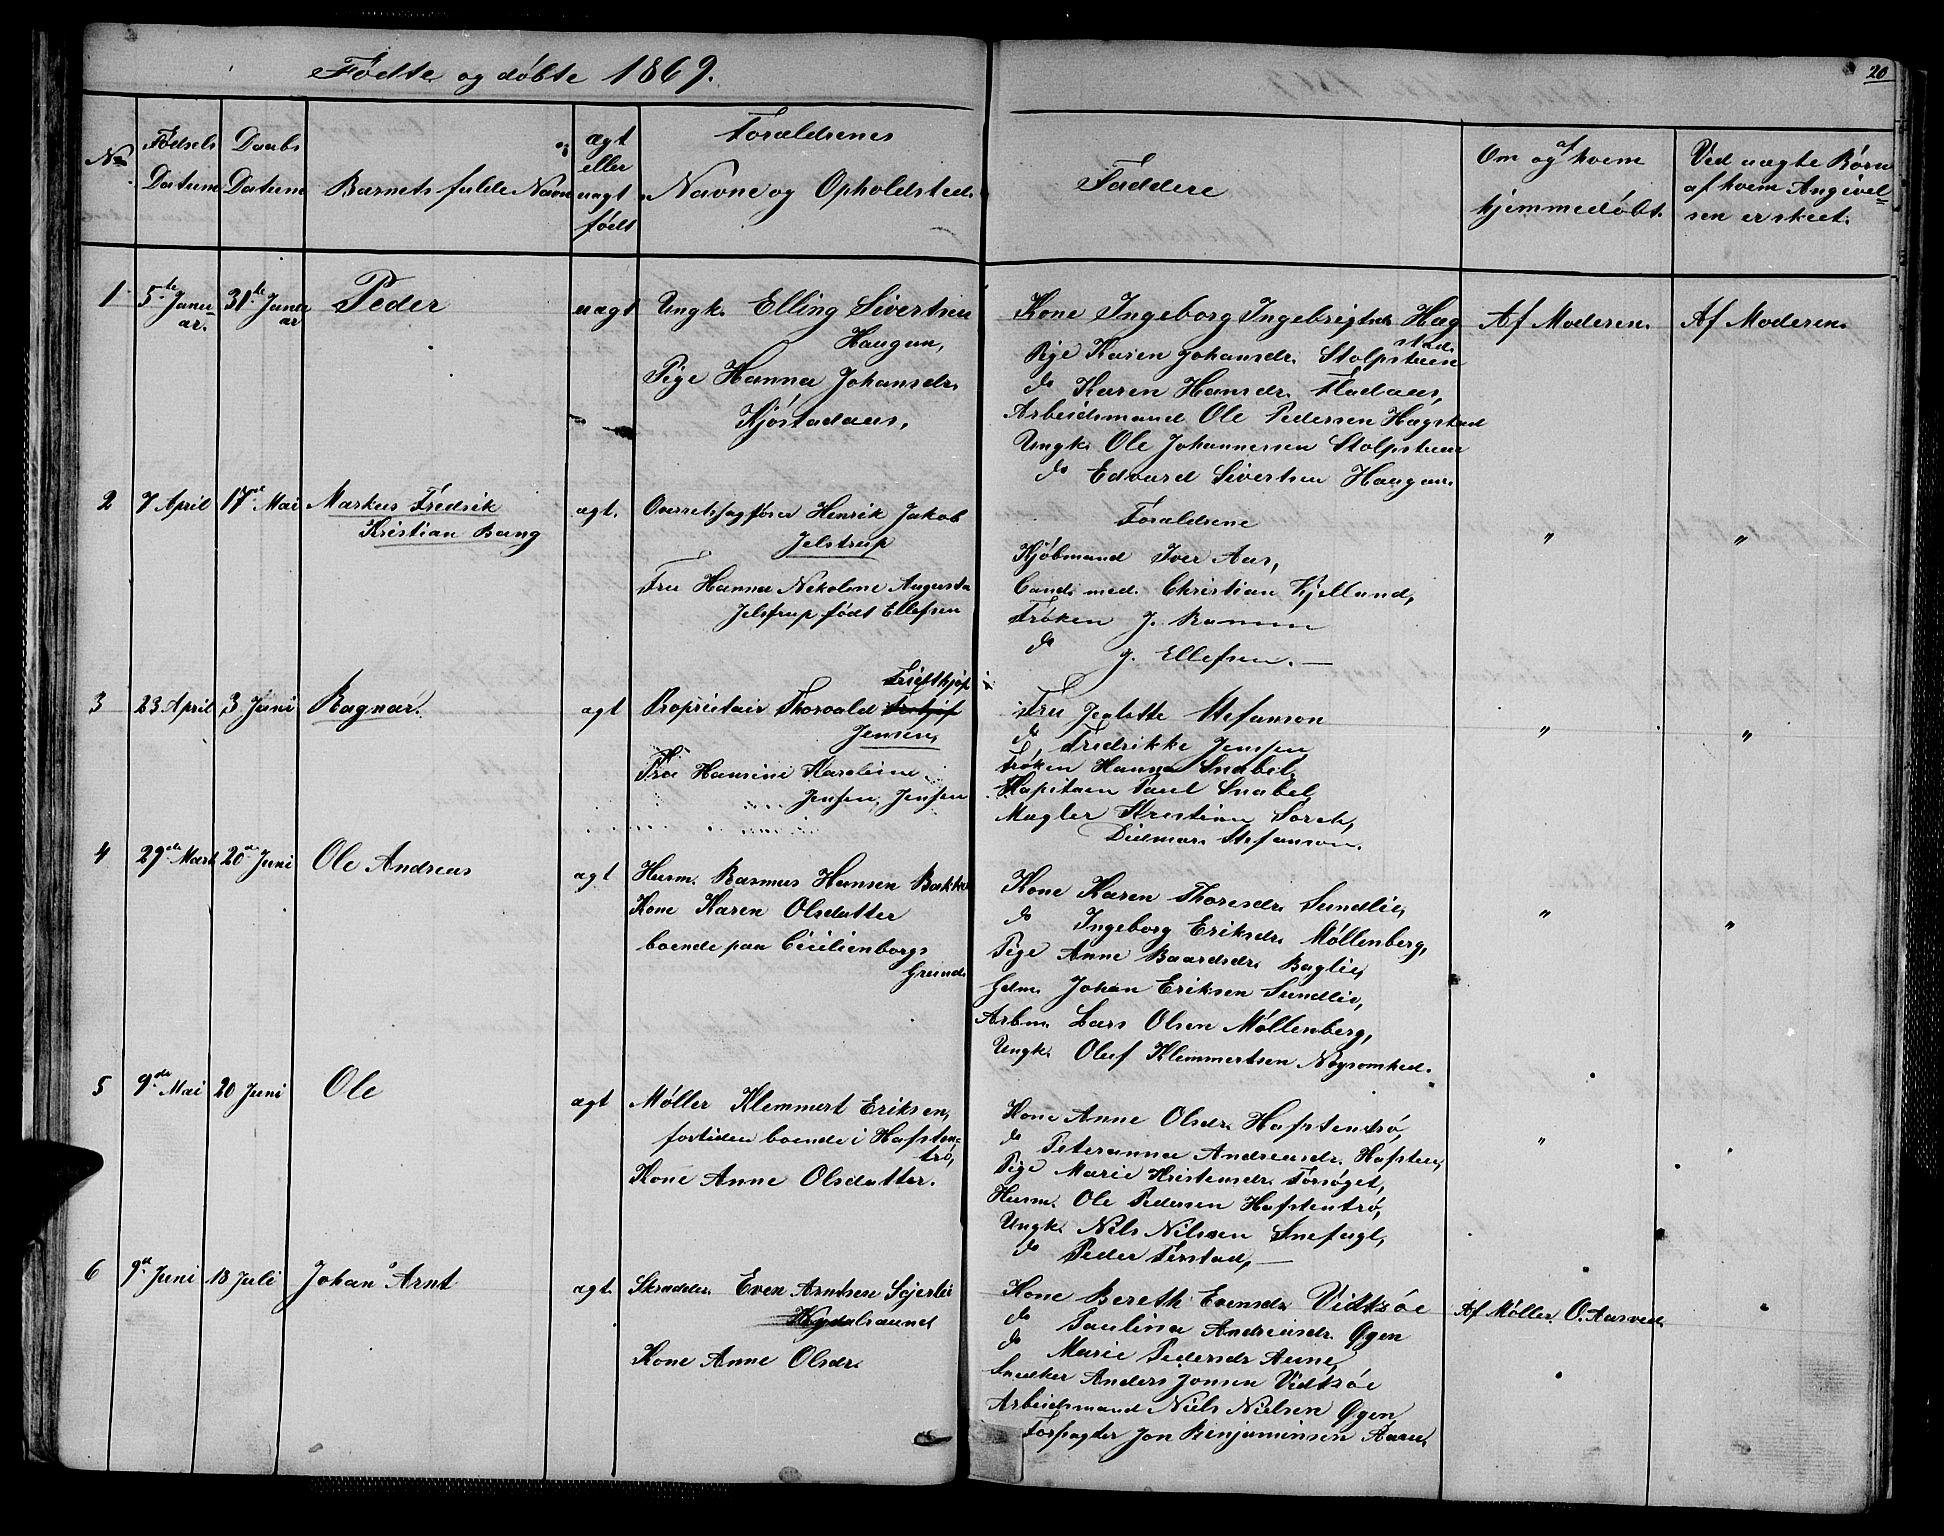 SAT, Ministerialprotokoller, klokkerbøker og fødselsregistre - Sør-Trøndelag, 611/L0353: Klokkerbok nr. 611C01, 1854-1881, s. 20